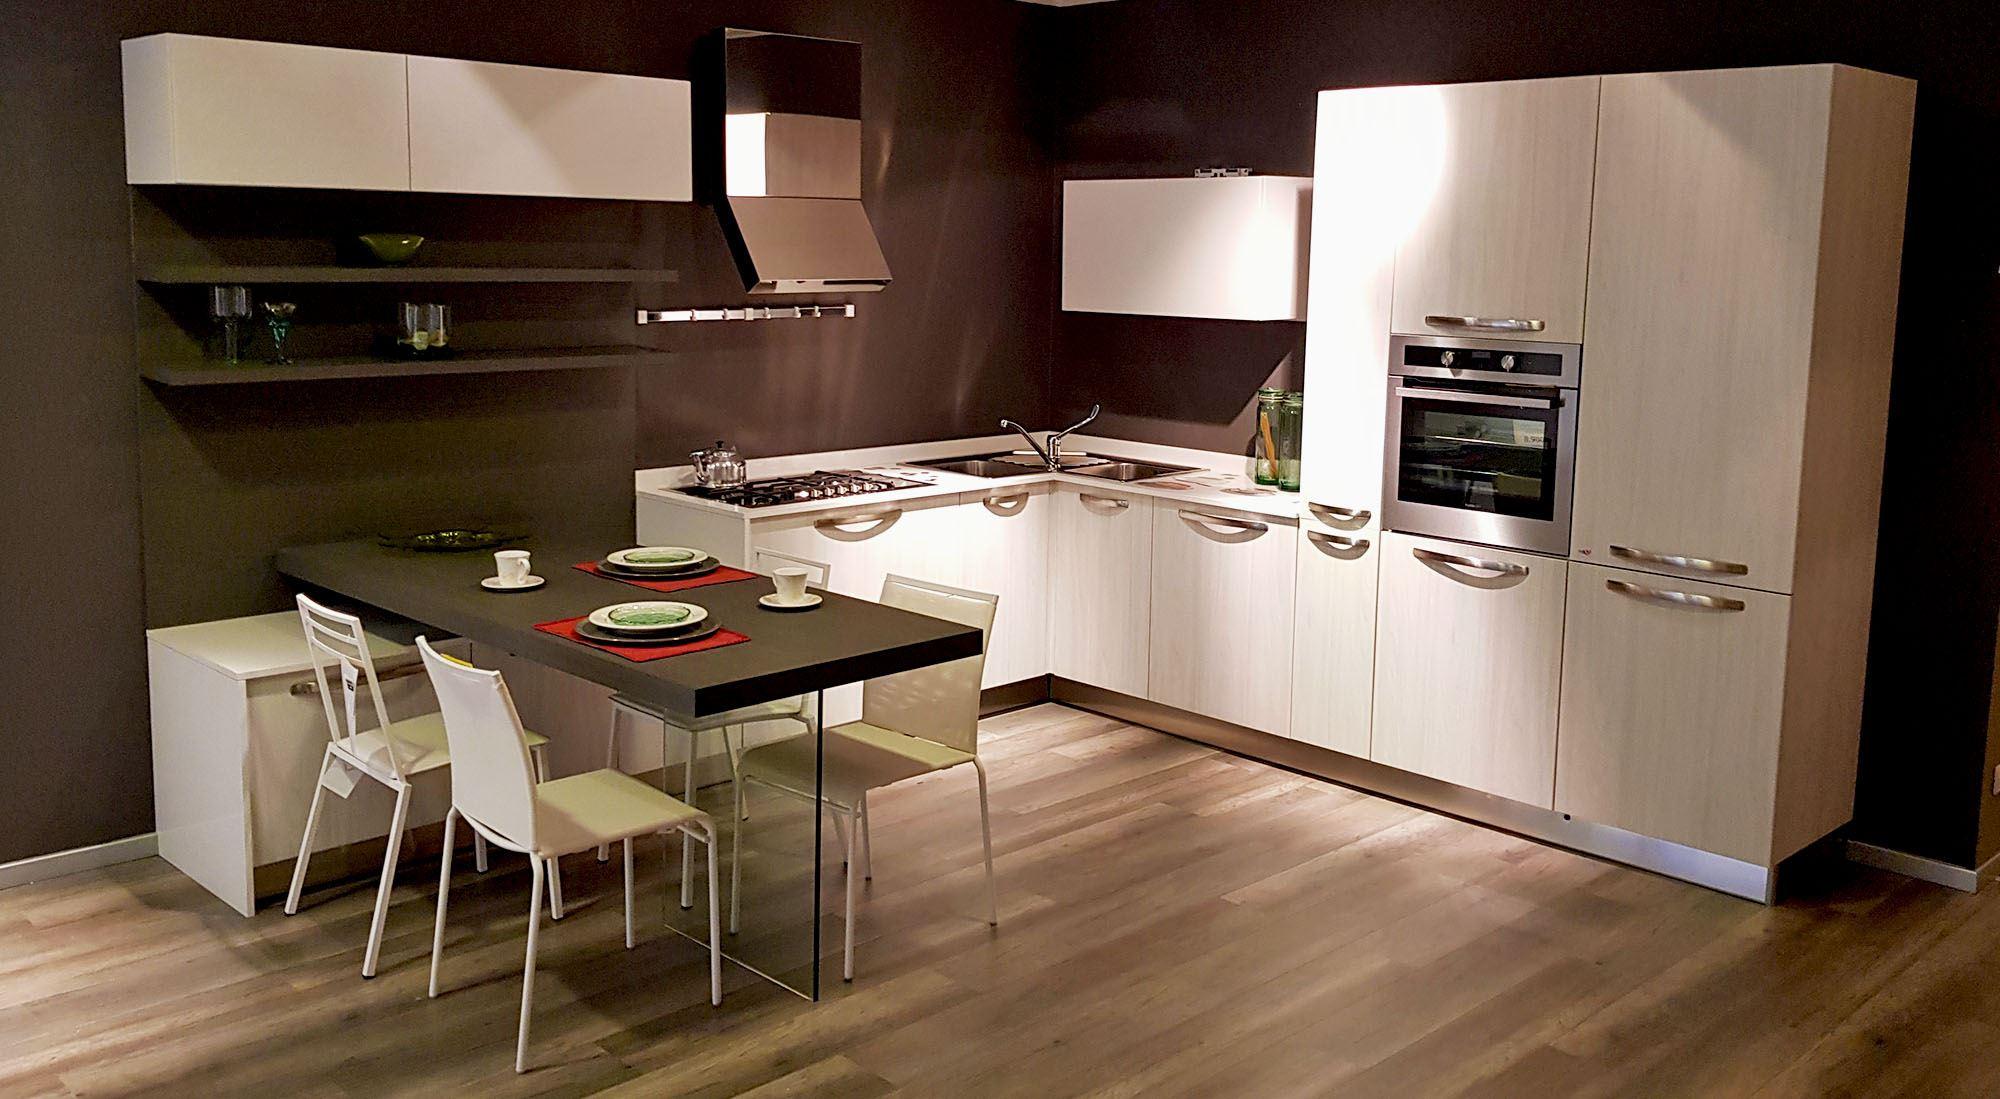 Immagini Cucine Ad Angolo cucina ad angolo olmo bianco -